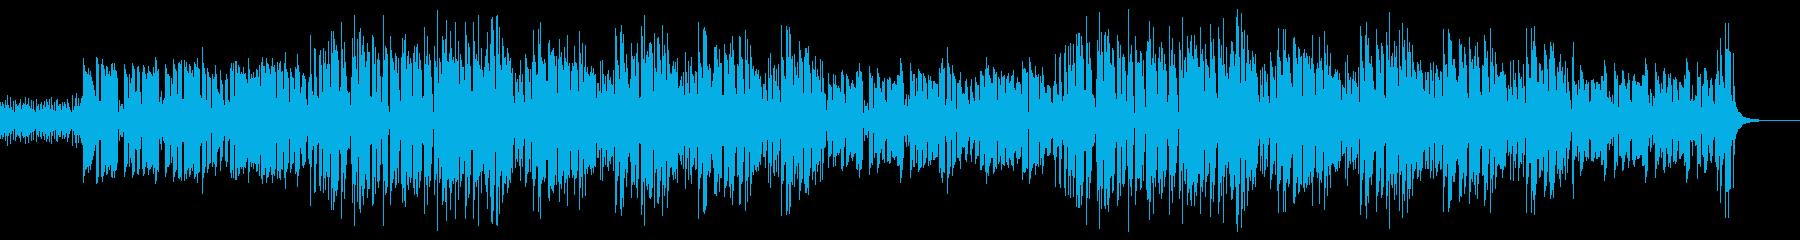 昭和歌謡風ポップス コミカル元気カラオケの再生済みの波形